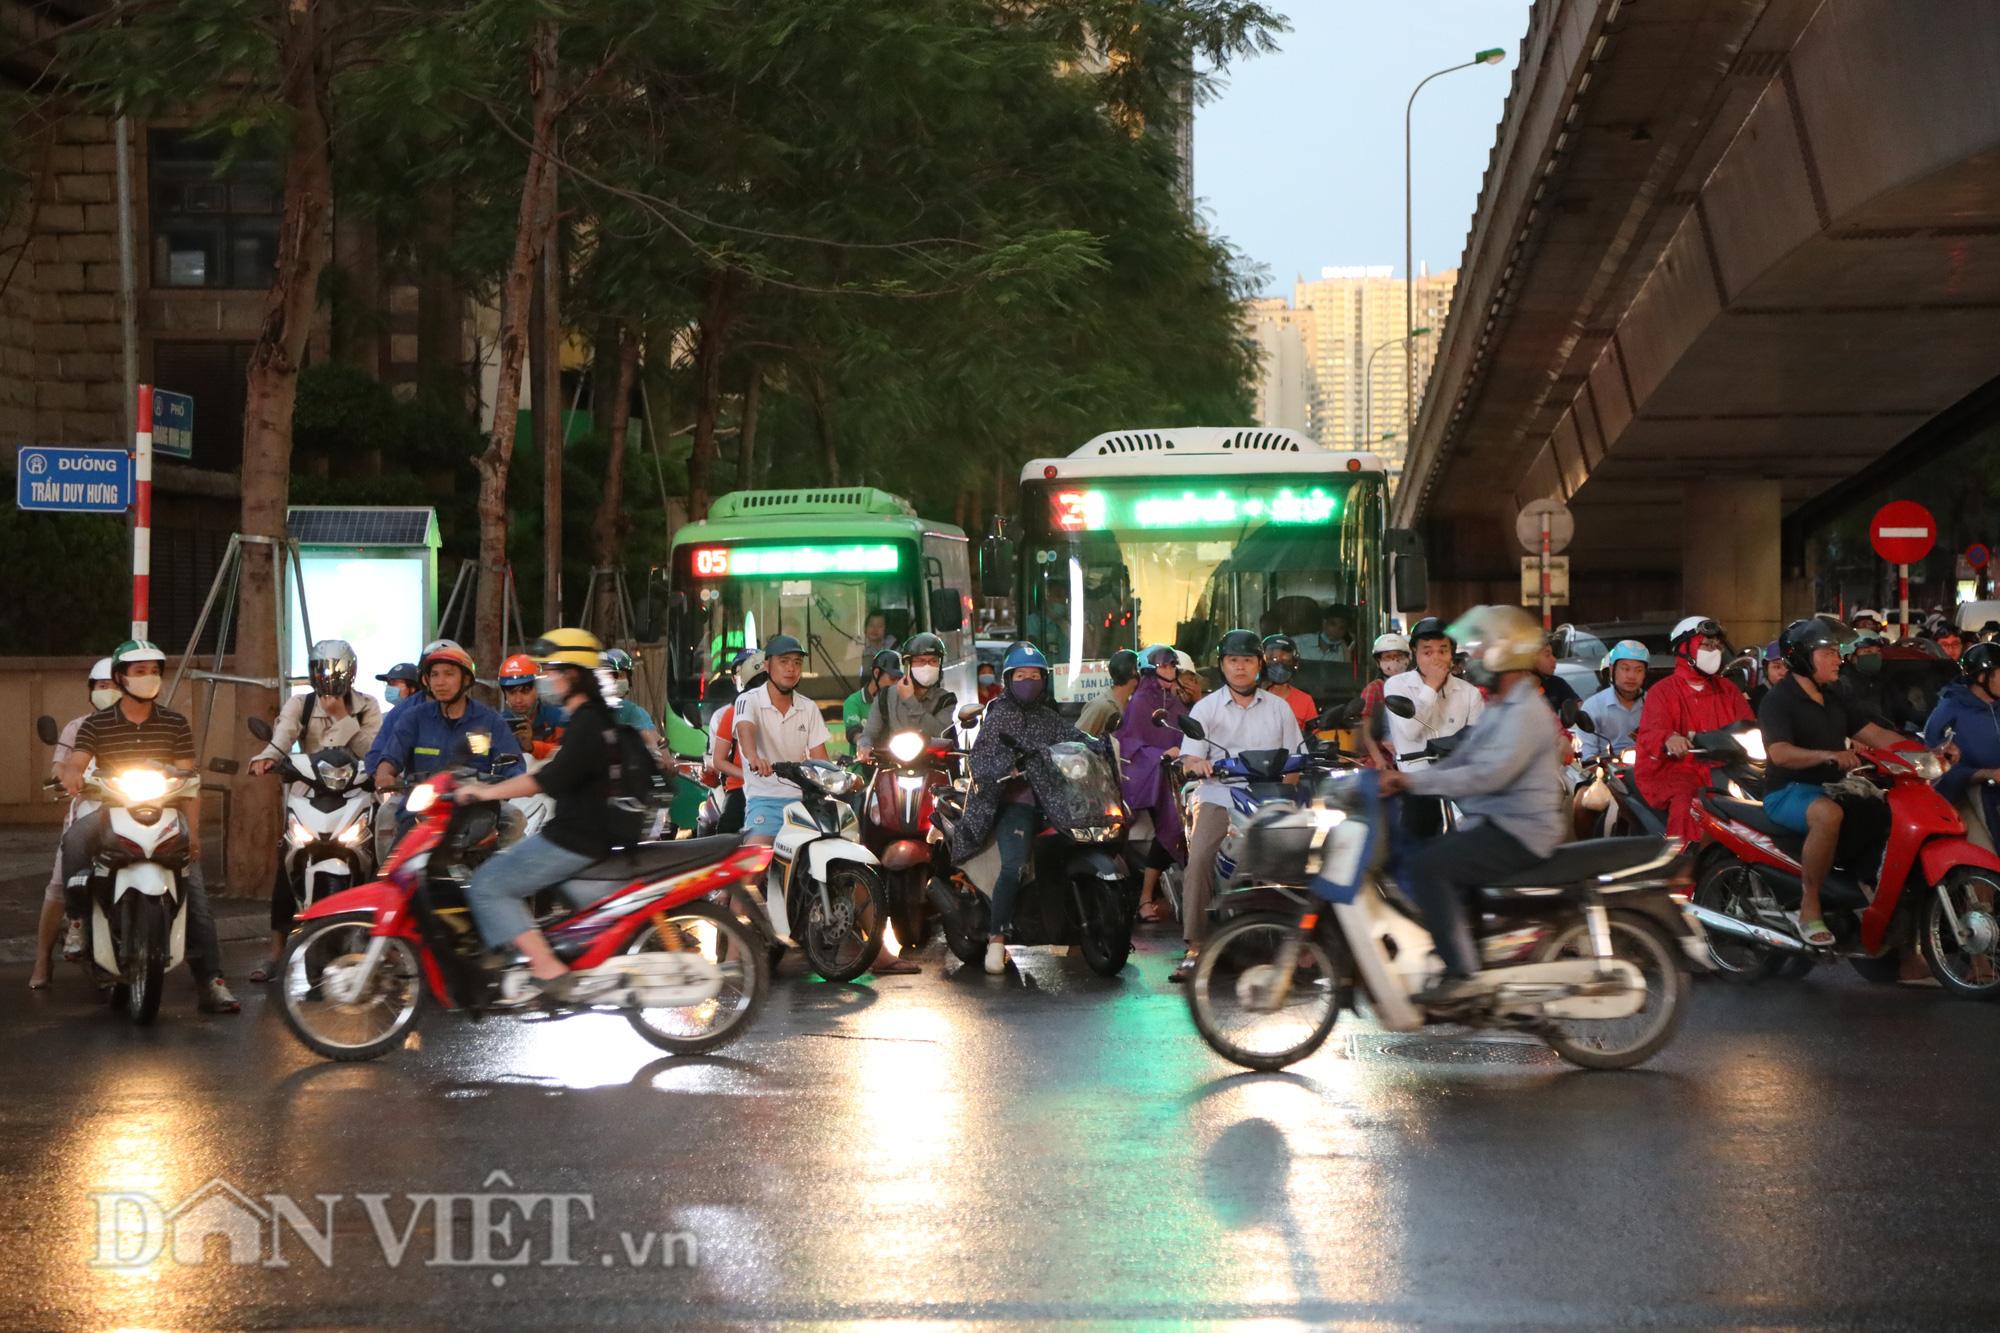 Hà Nội giảm 10 độ sau cơn mưa vàng - Ảnh 11.